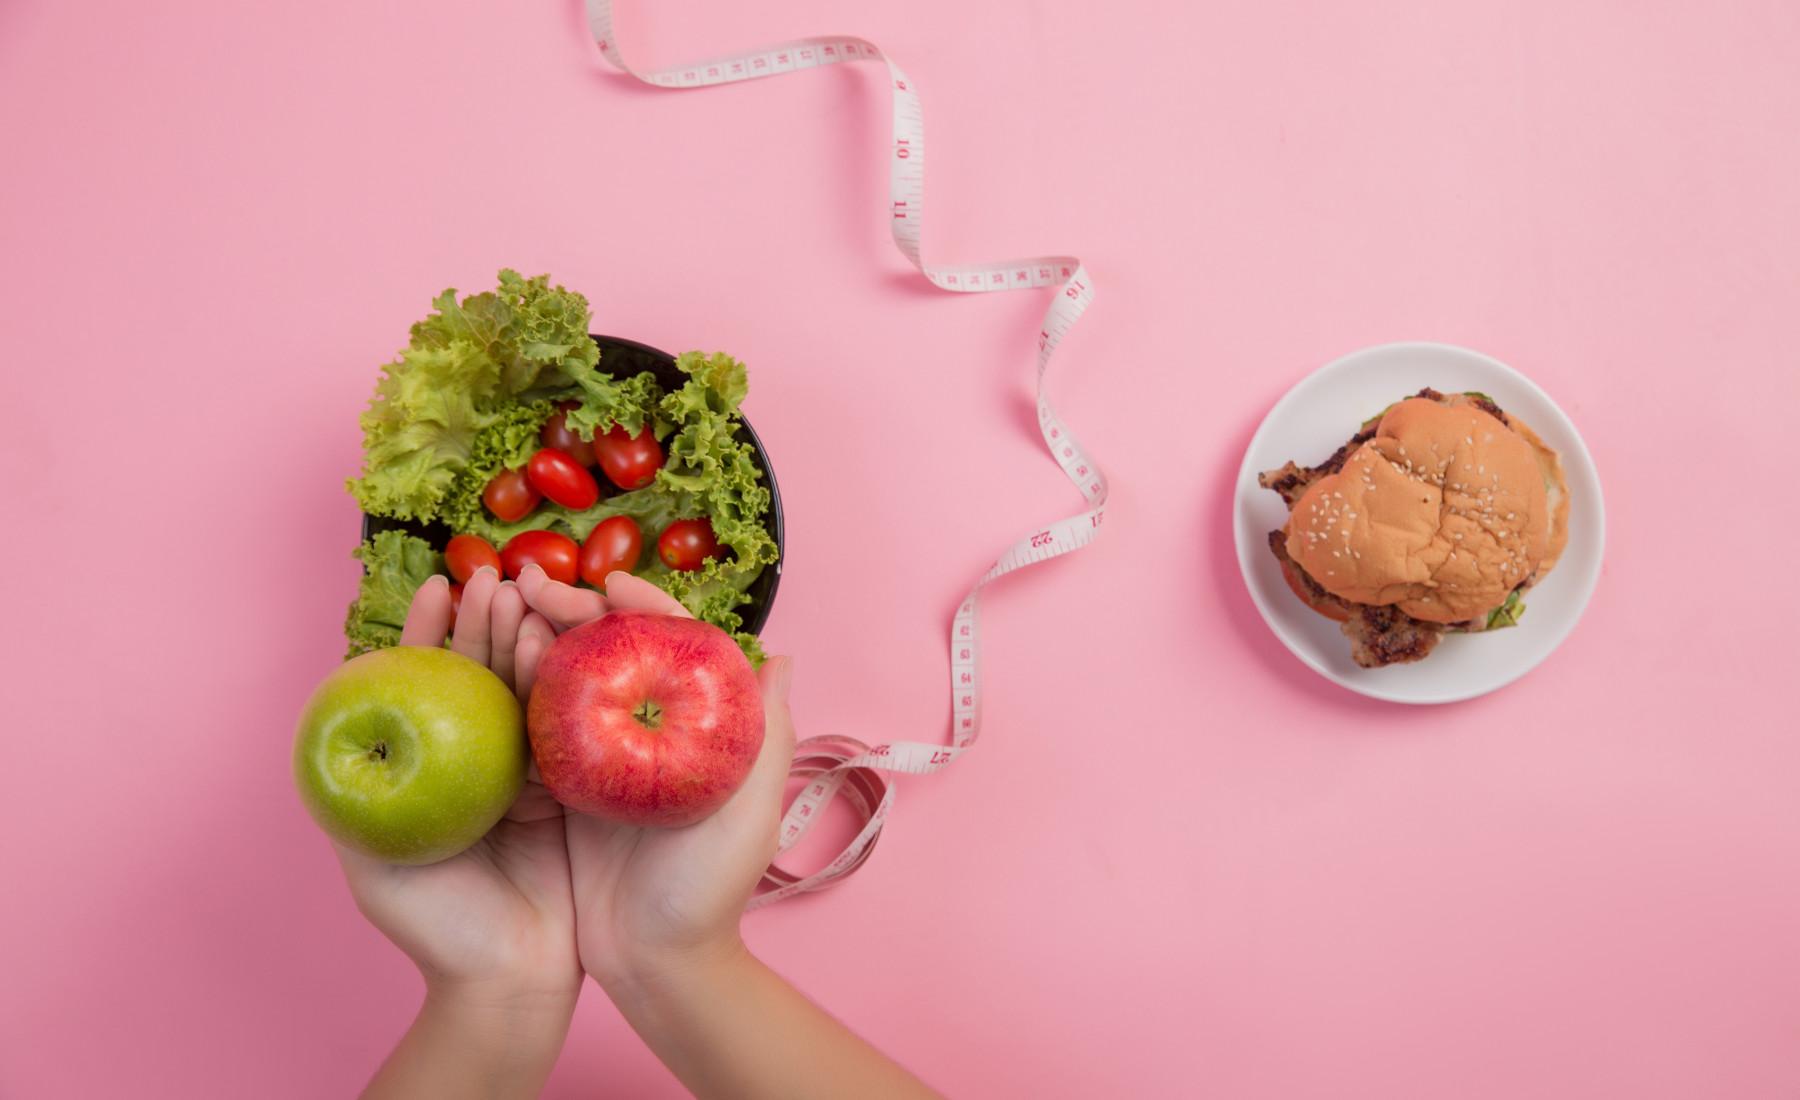 מה היא שיטת EAT GOOD?